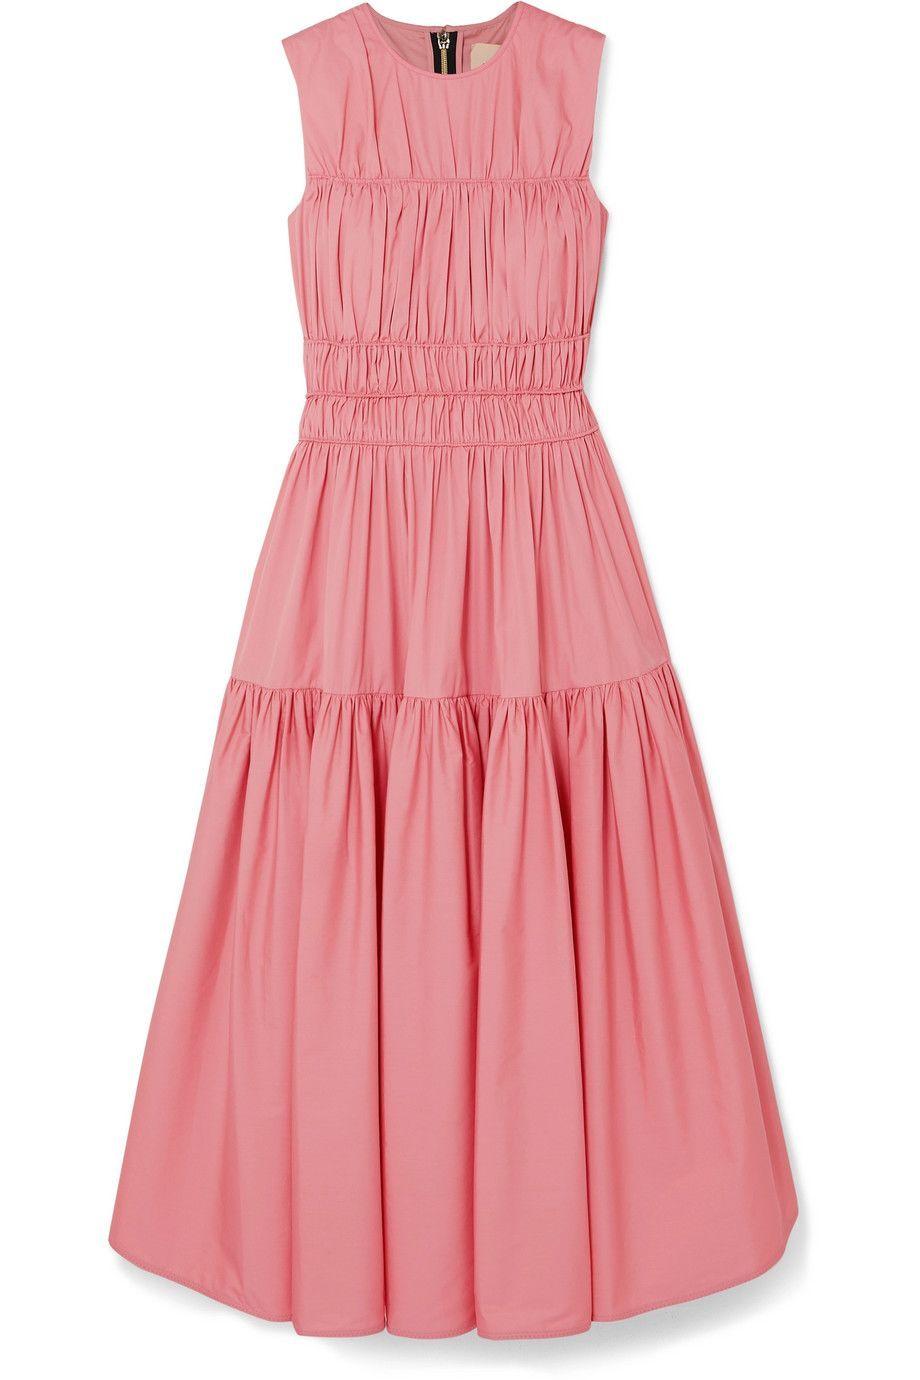 #PopbelaOOTD: Bukan Tipikal Pink Dress yang Romantis